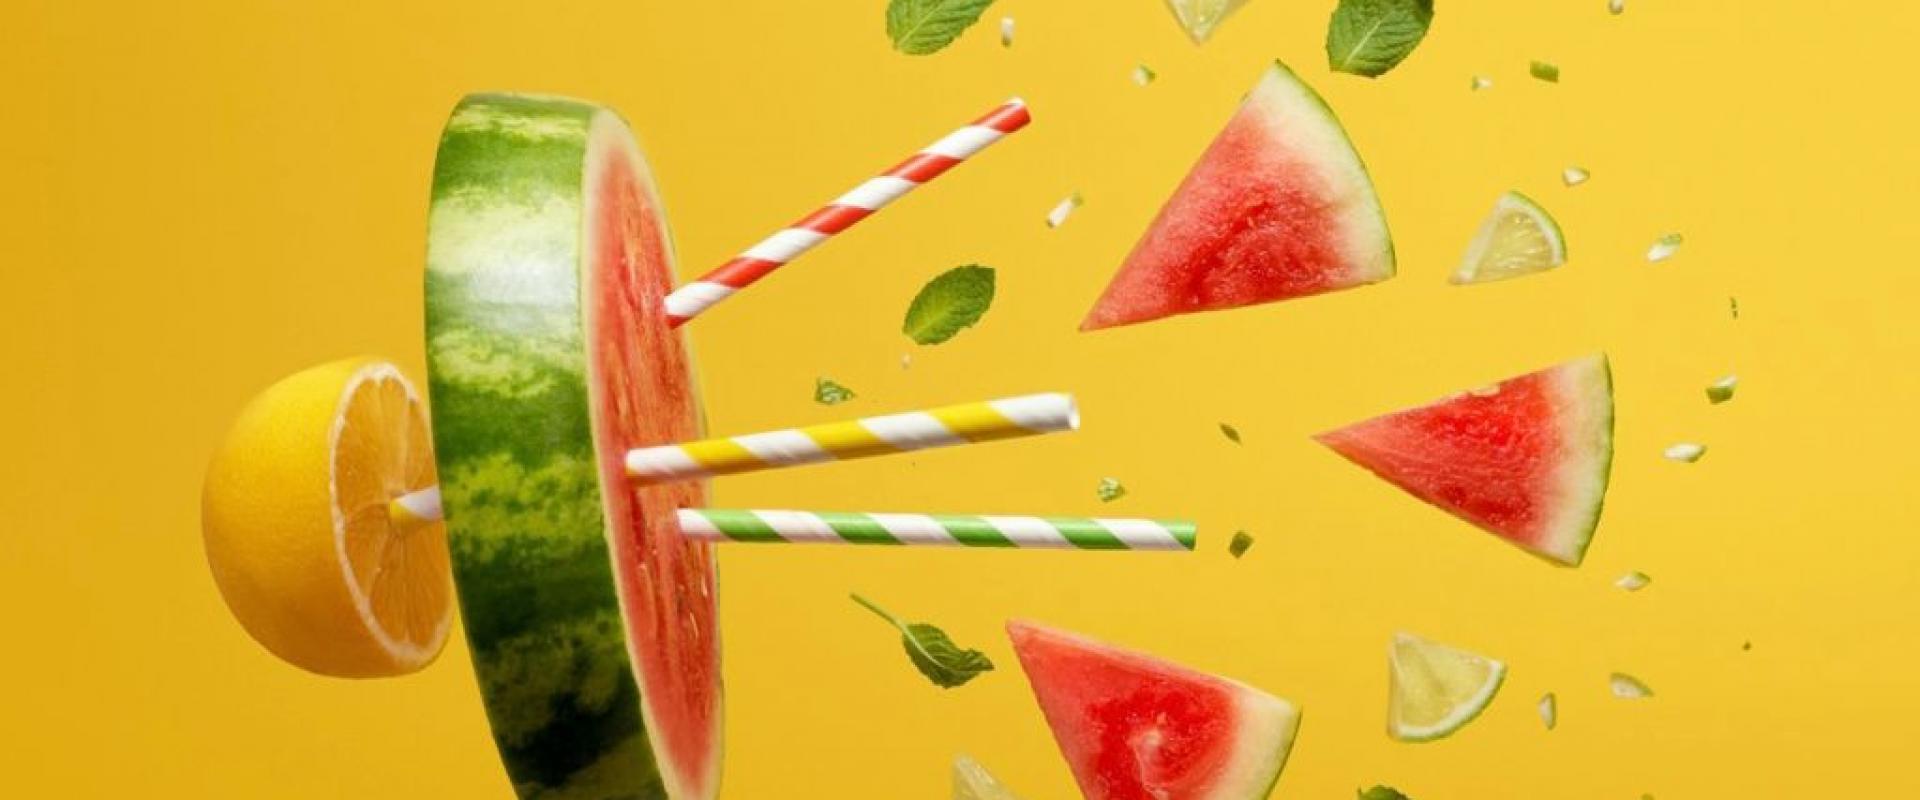 Pedacos de frutas como laranja melancia com hortela e canudos sobre fundo amarelo